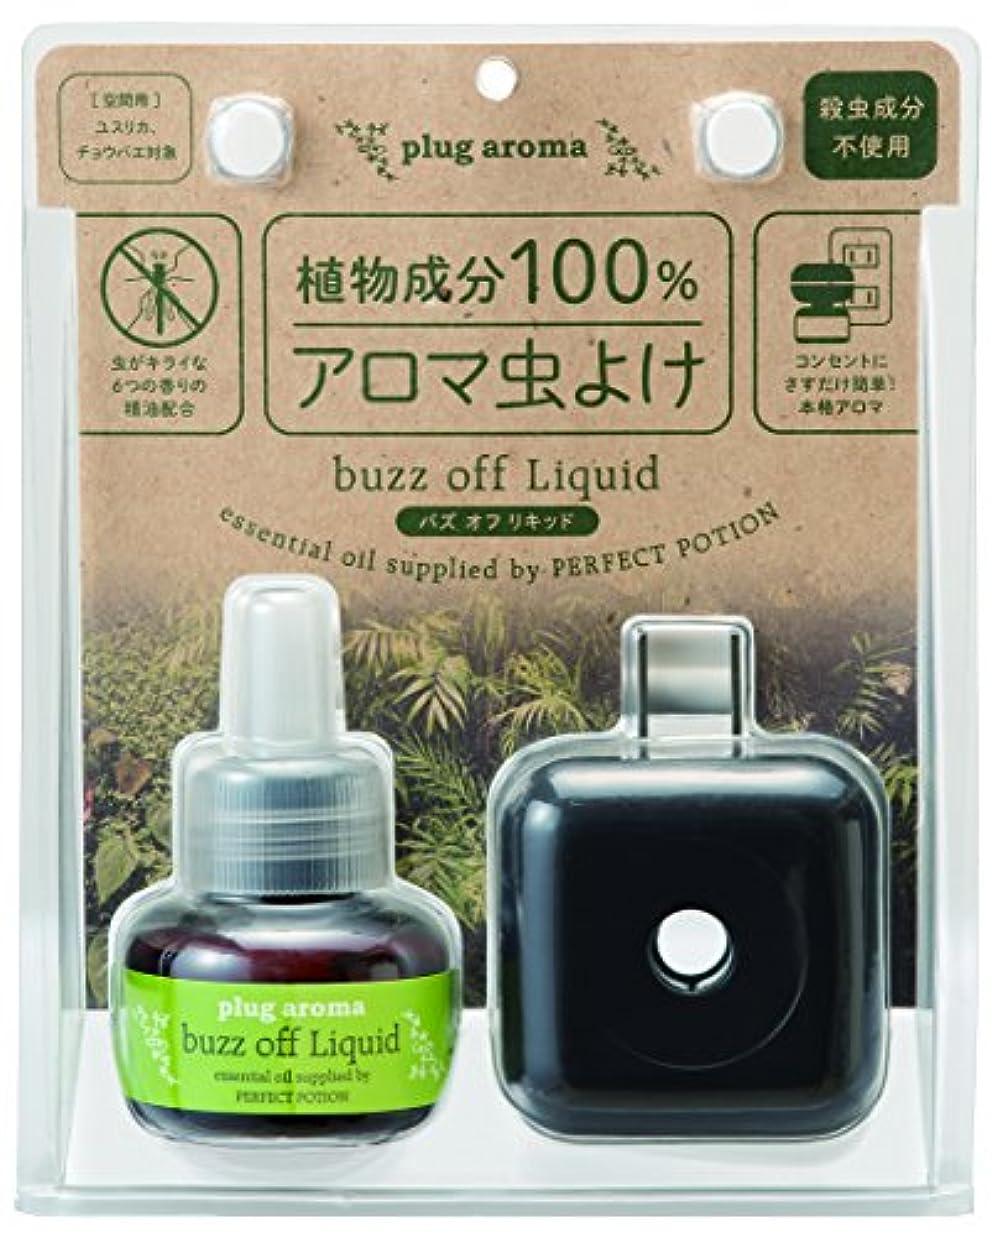 シニスに付ける一杯プラグアロマ(plug aroma) バズオフセット(リニューアル品)